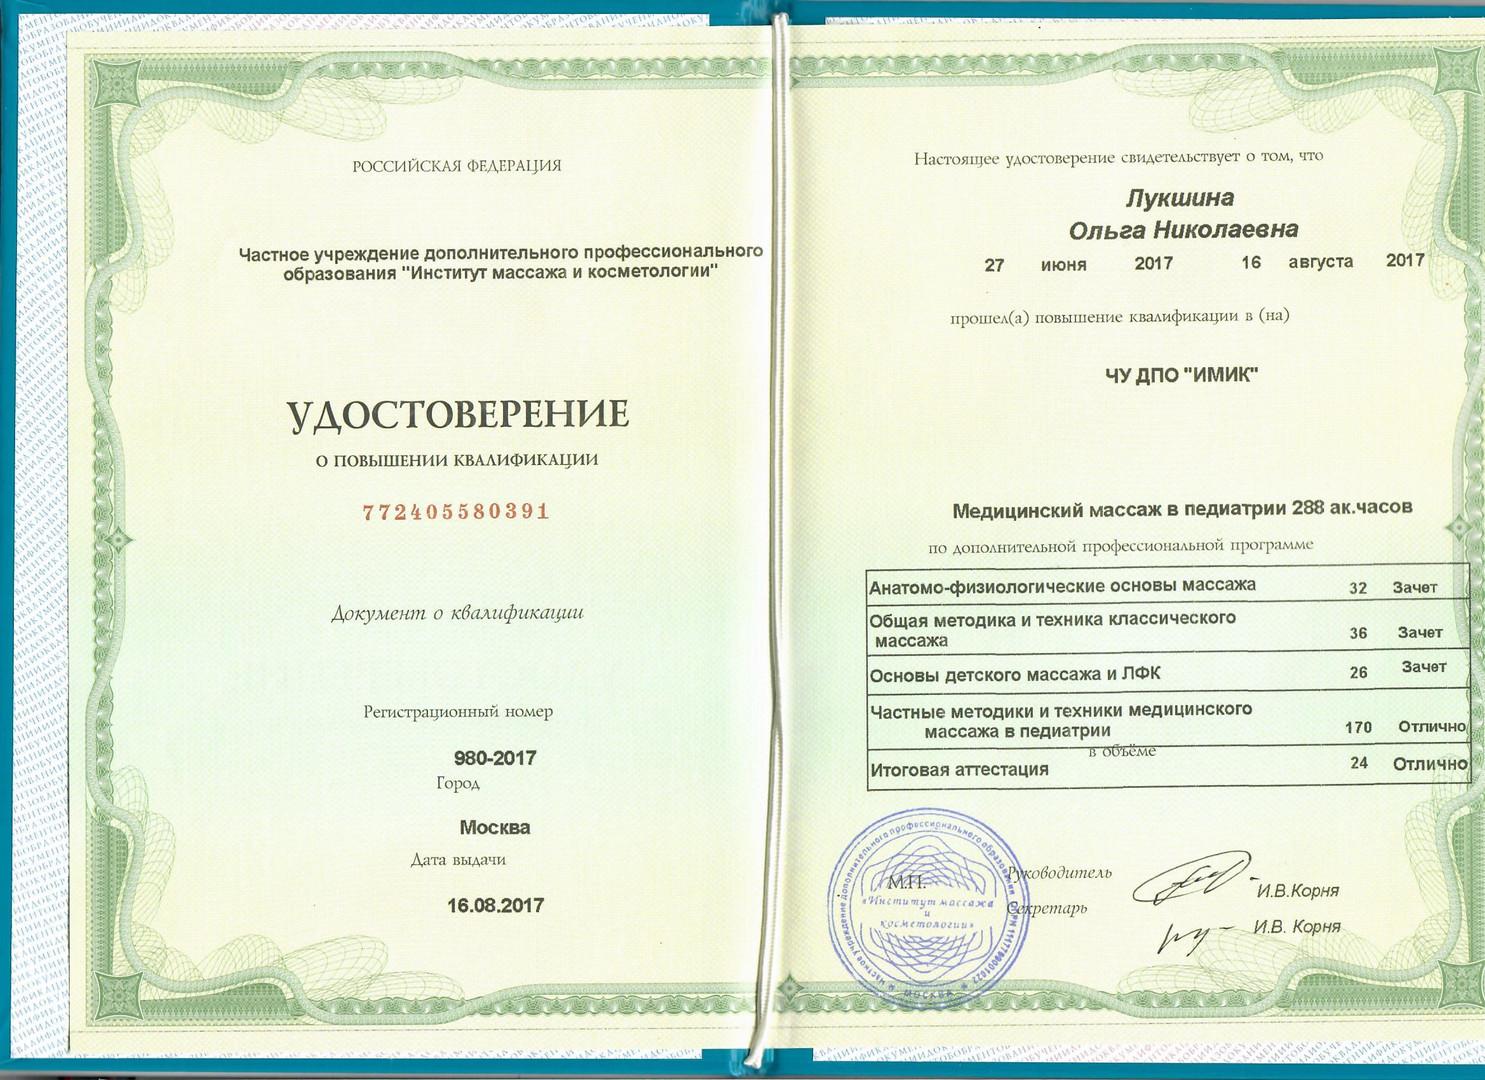 Удостоверение о пов. квалификации.jpg